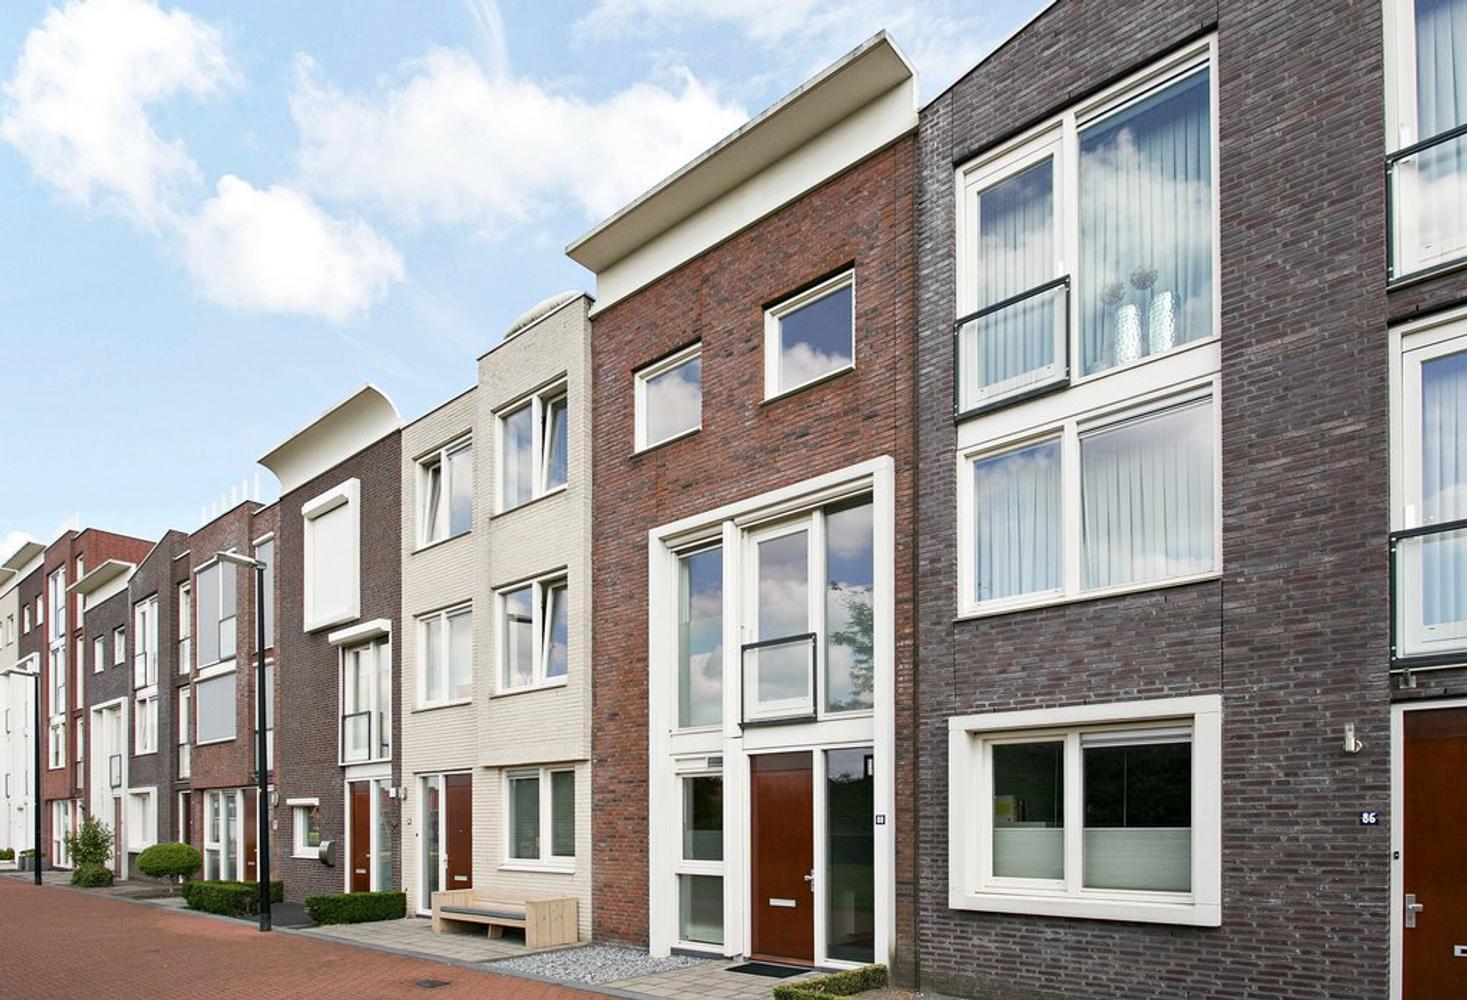 Schullenhofstraat 88 in tiel 4005 ja: woonhuis. witte makelaardij b.v.